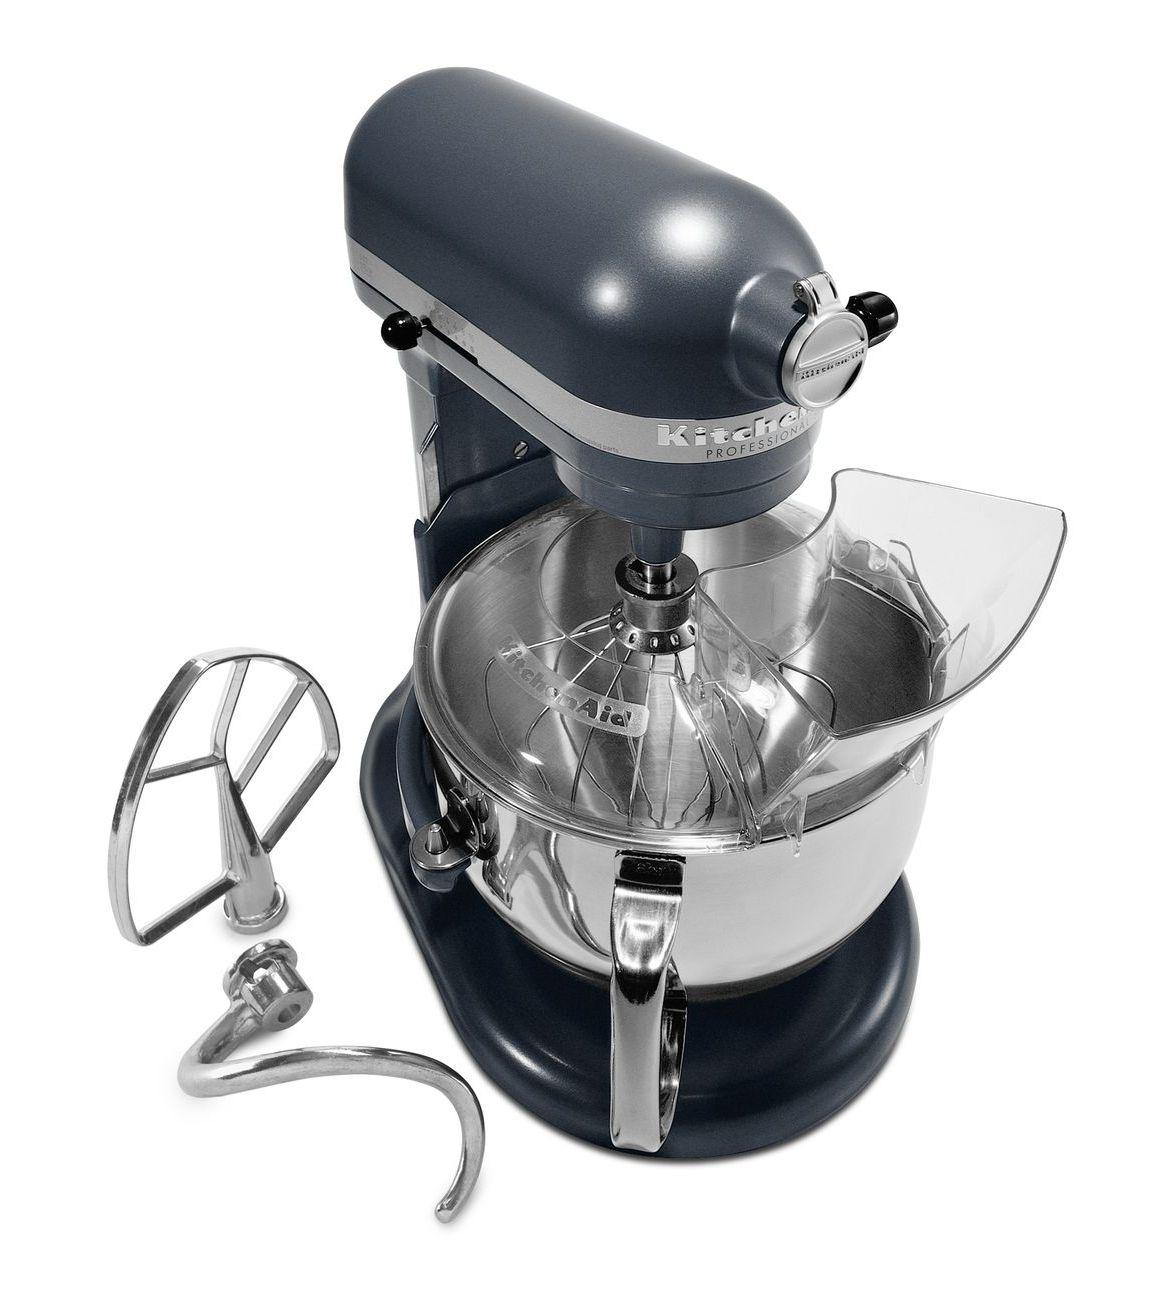 Kitchen aid mixer bowl Photo - 2